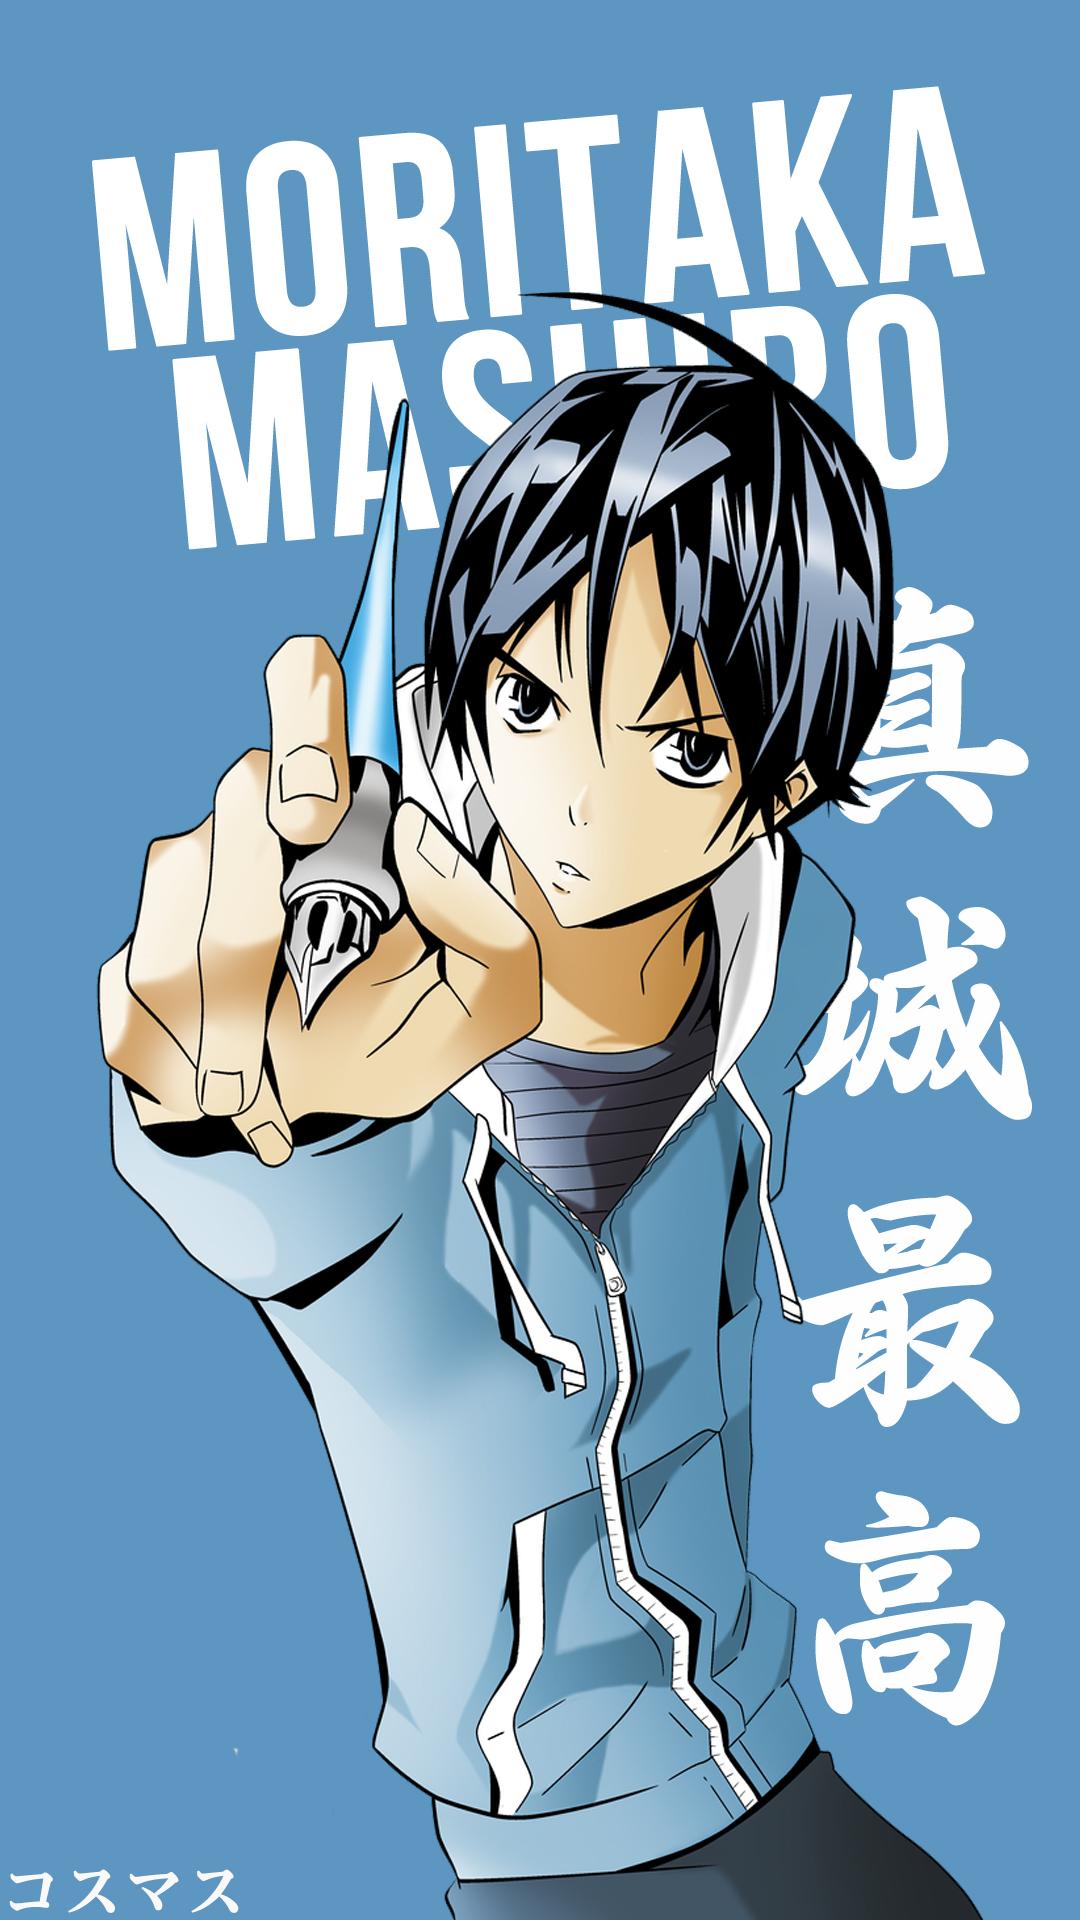 MORITAKA MASHIRO -CSMS.jpg